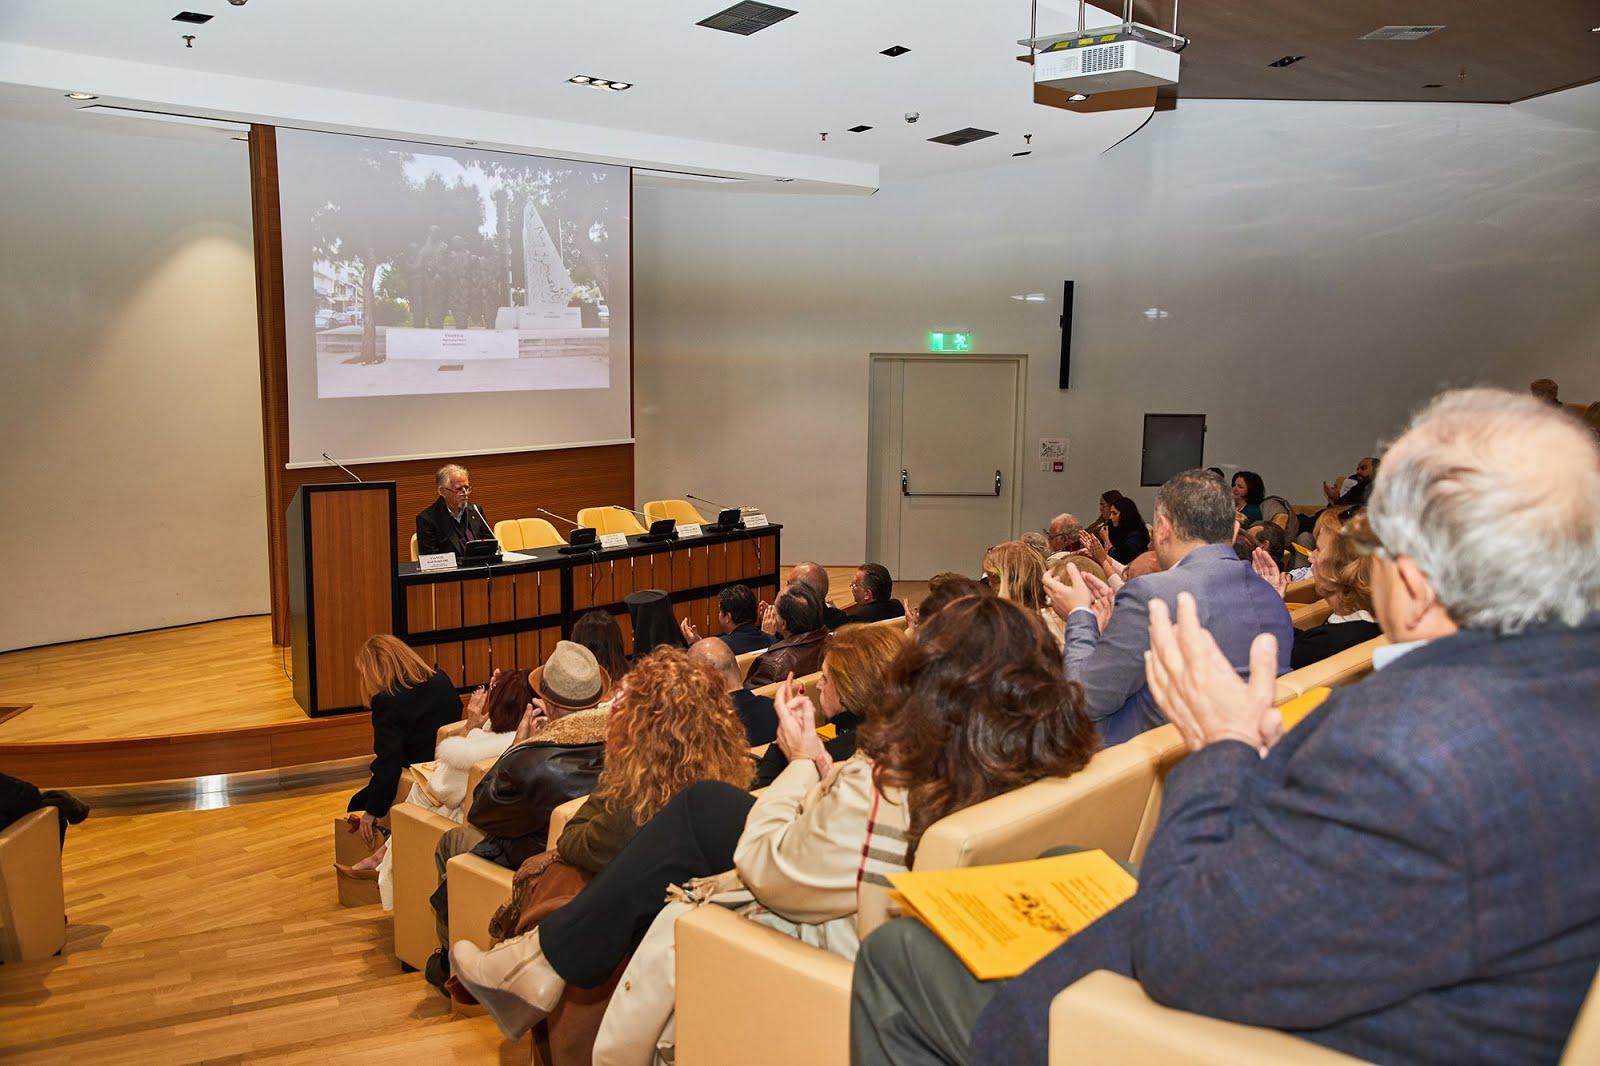 4ο Διεθνές Επιστημονικό Συμπόσιο ΚΕΜΜΕ Δήμου Κηφισιάς